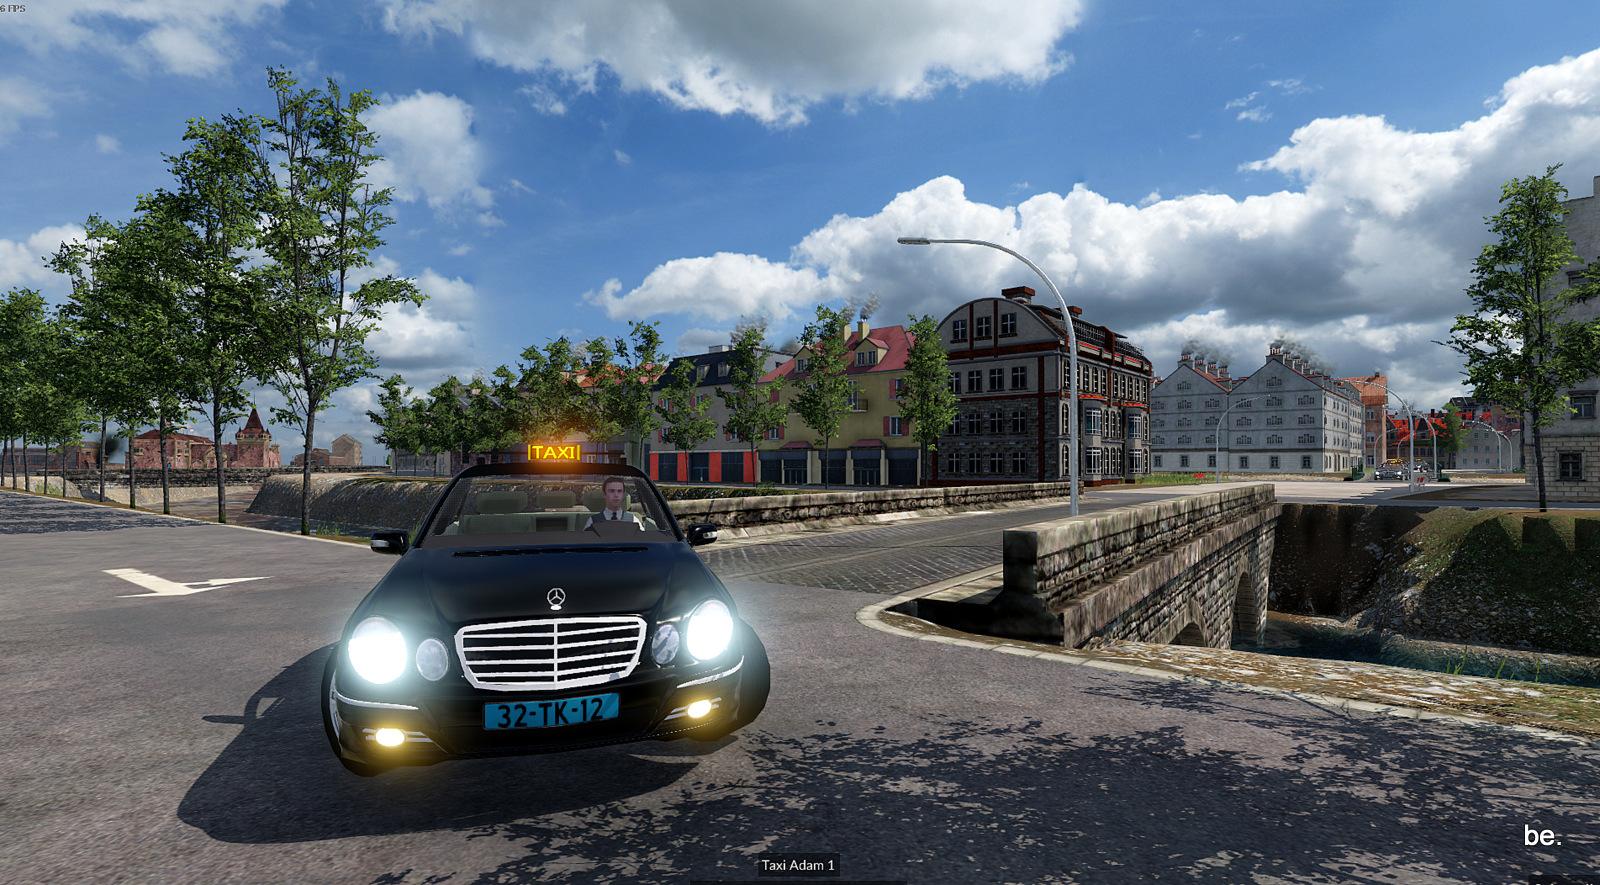 Taxi nach Amsterdam....